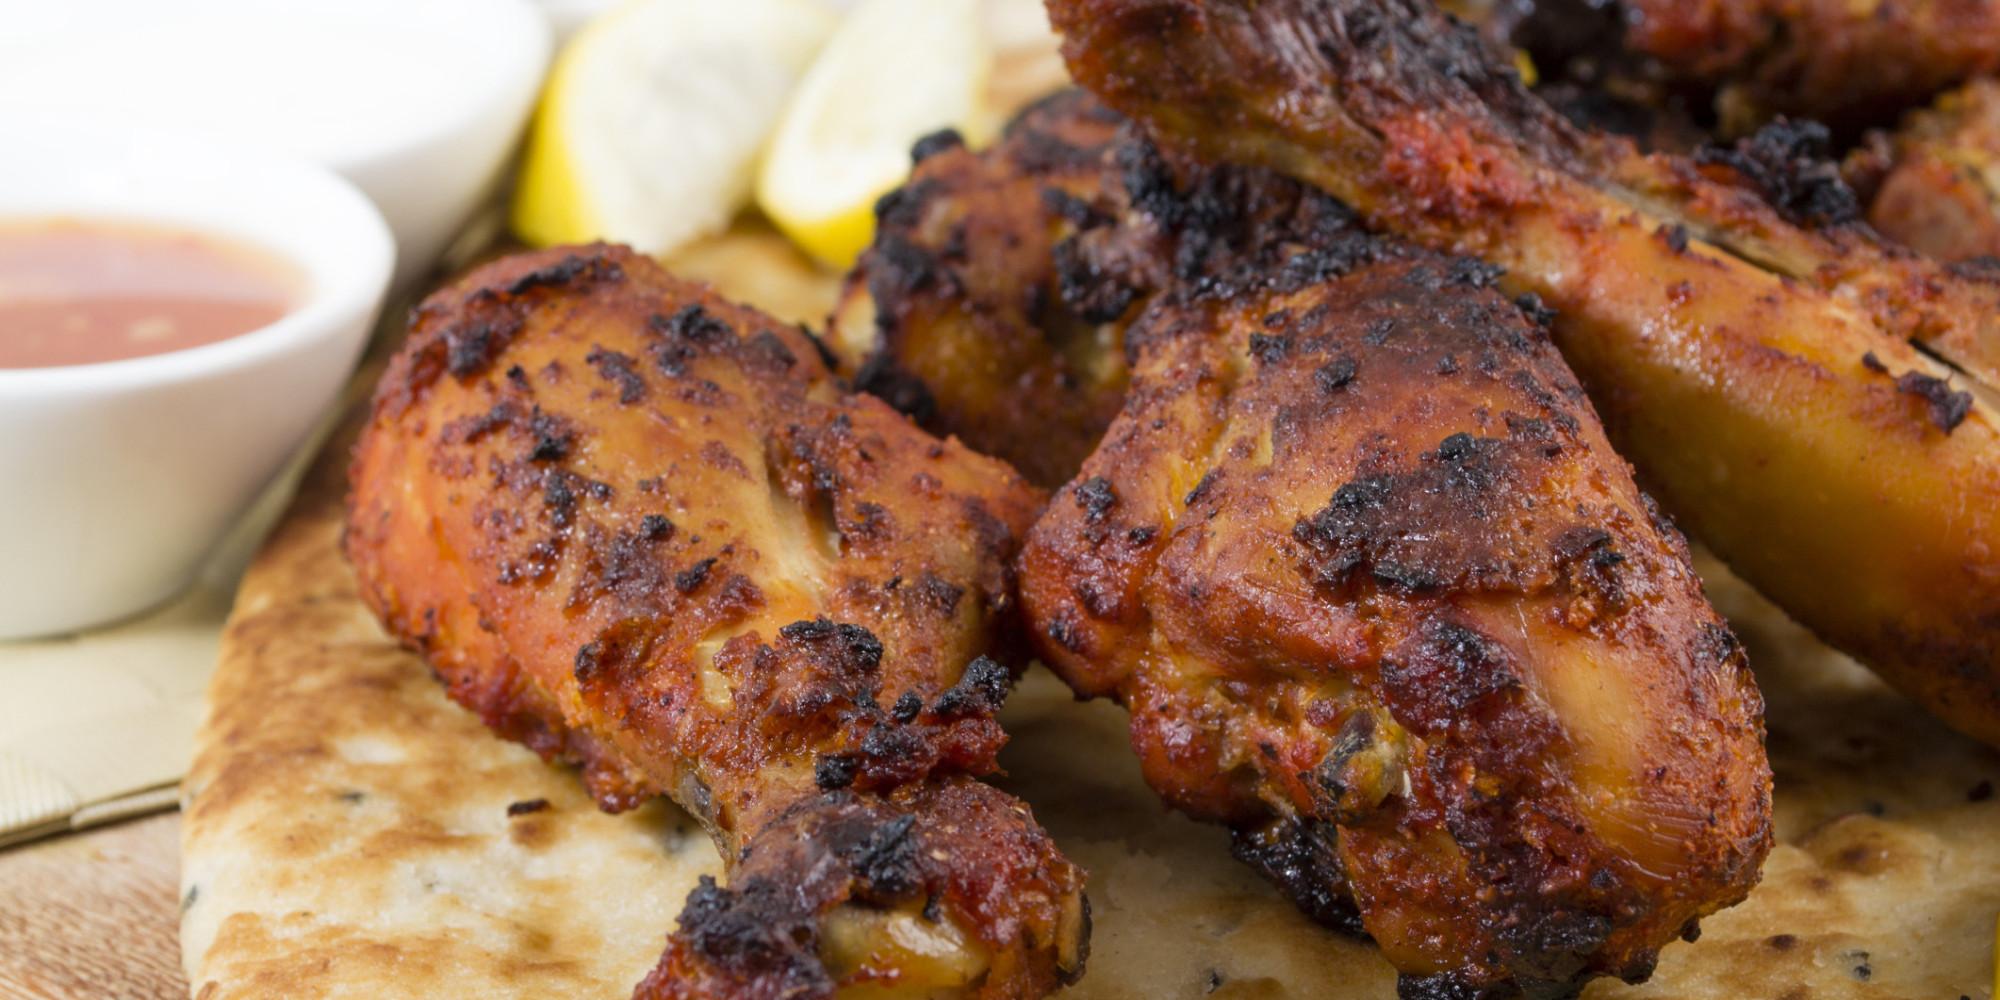 This Holiday Swap Turkey For Tandoori Chicken Samira Nanda